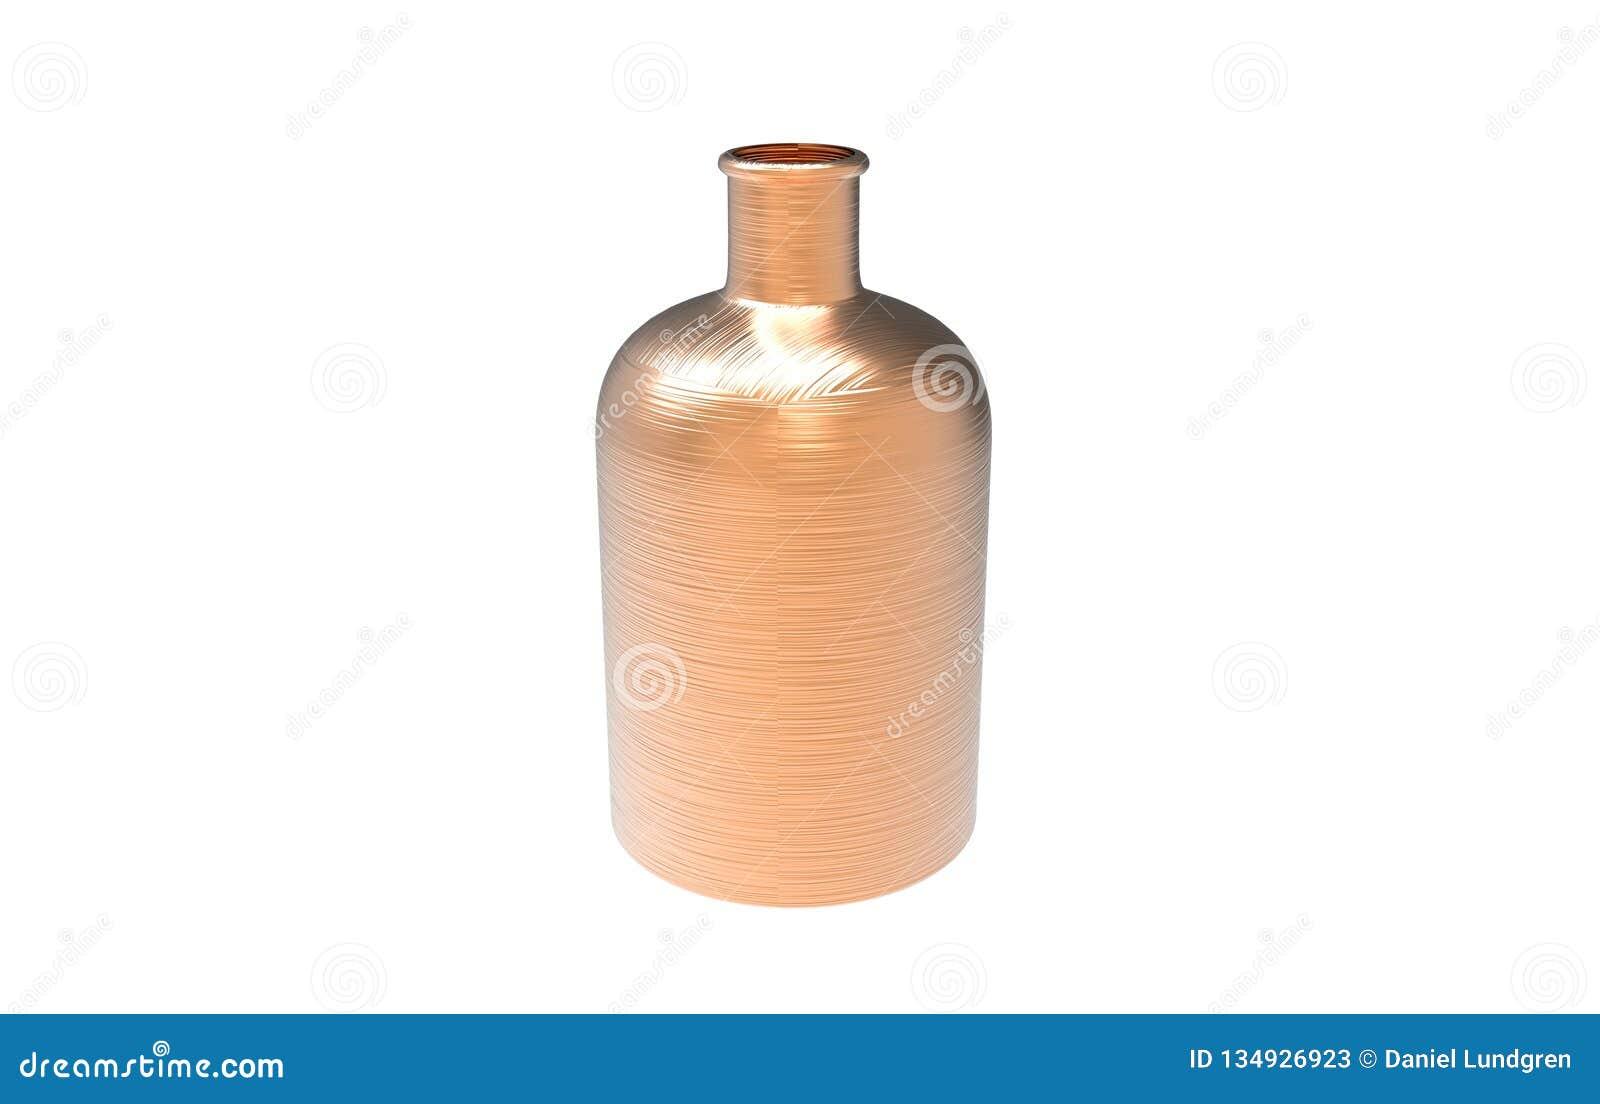 3d illustratie van decoratieve die fles in koperkleur op een witte achtergrond wordt geïsoleerd